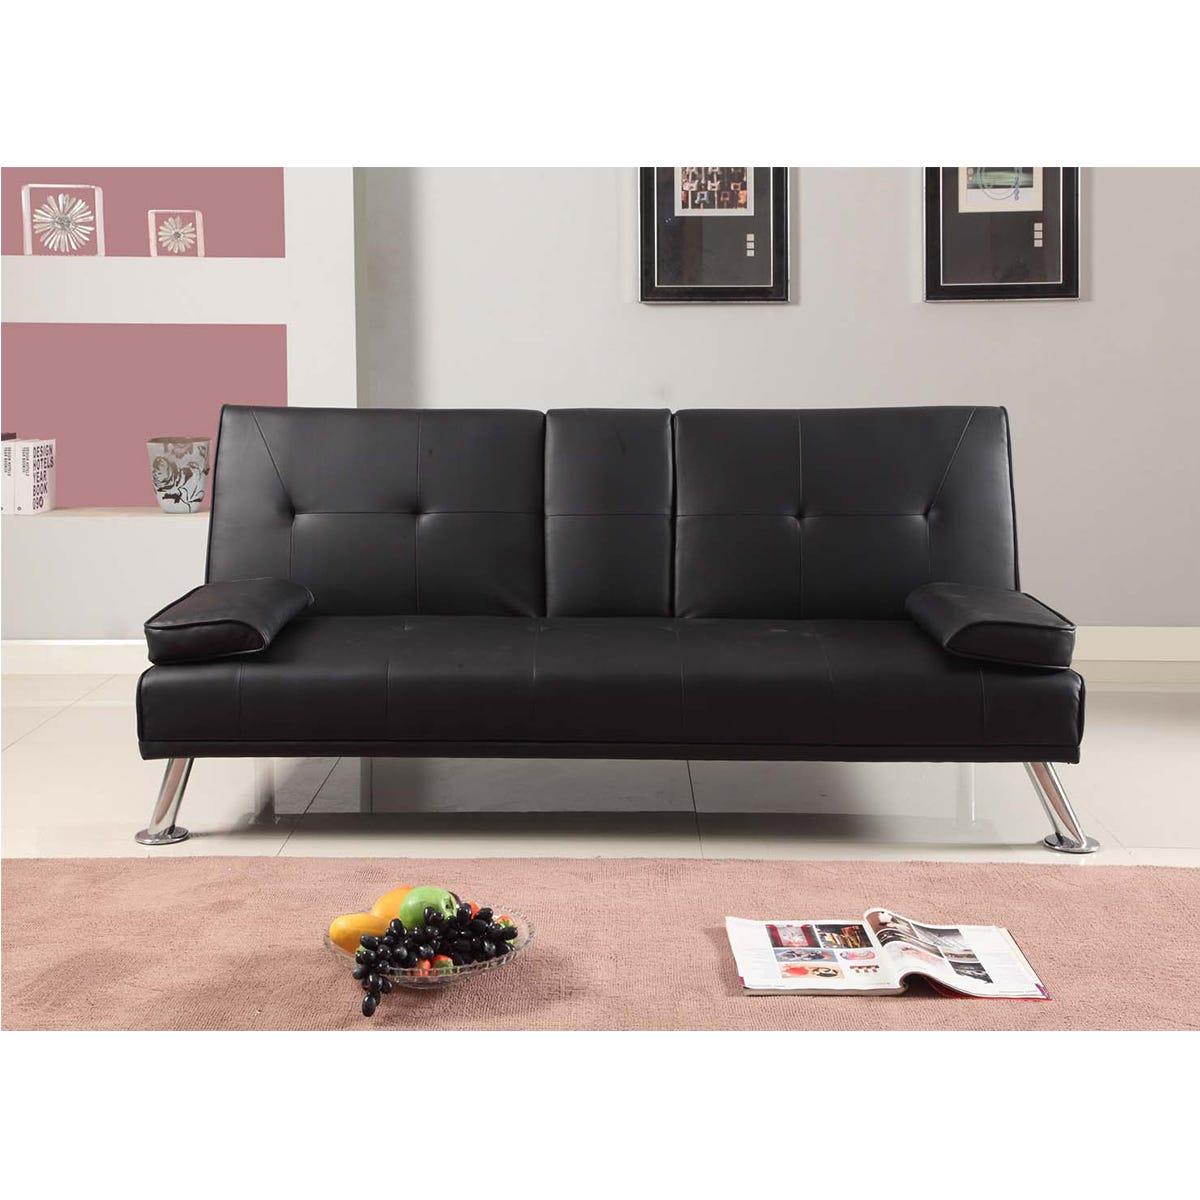 Yamba Sofa Bed - Black